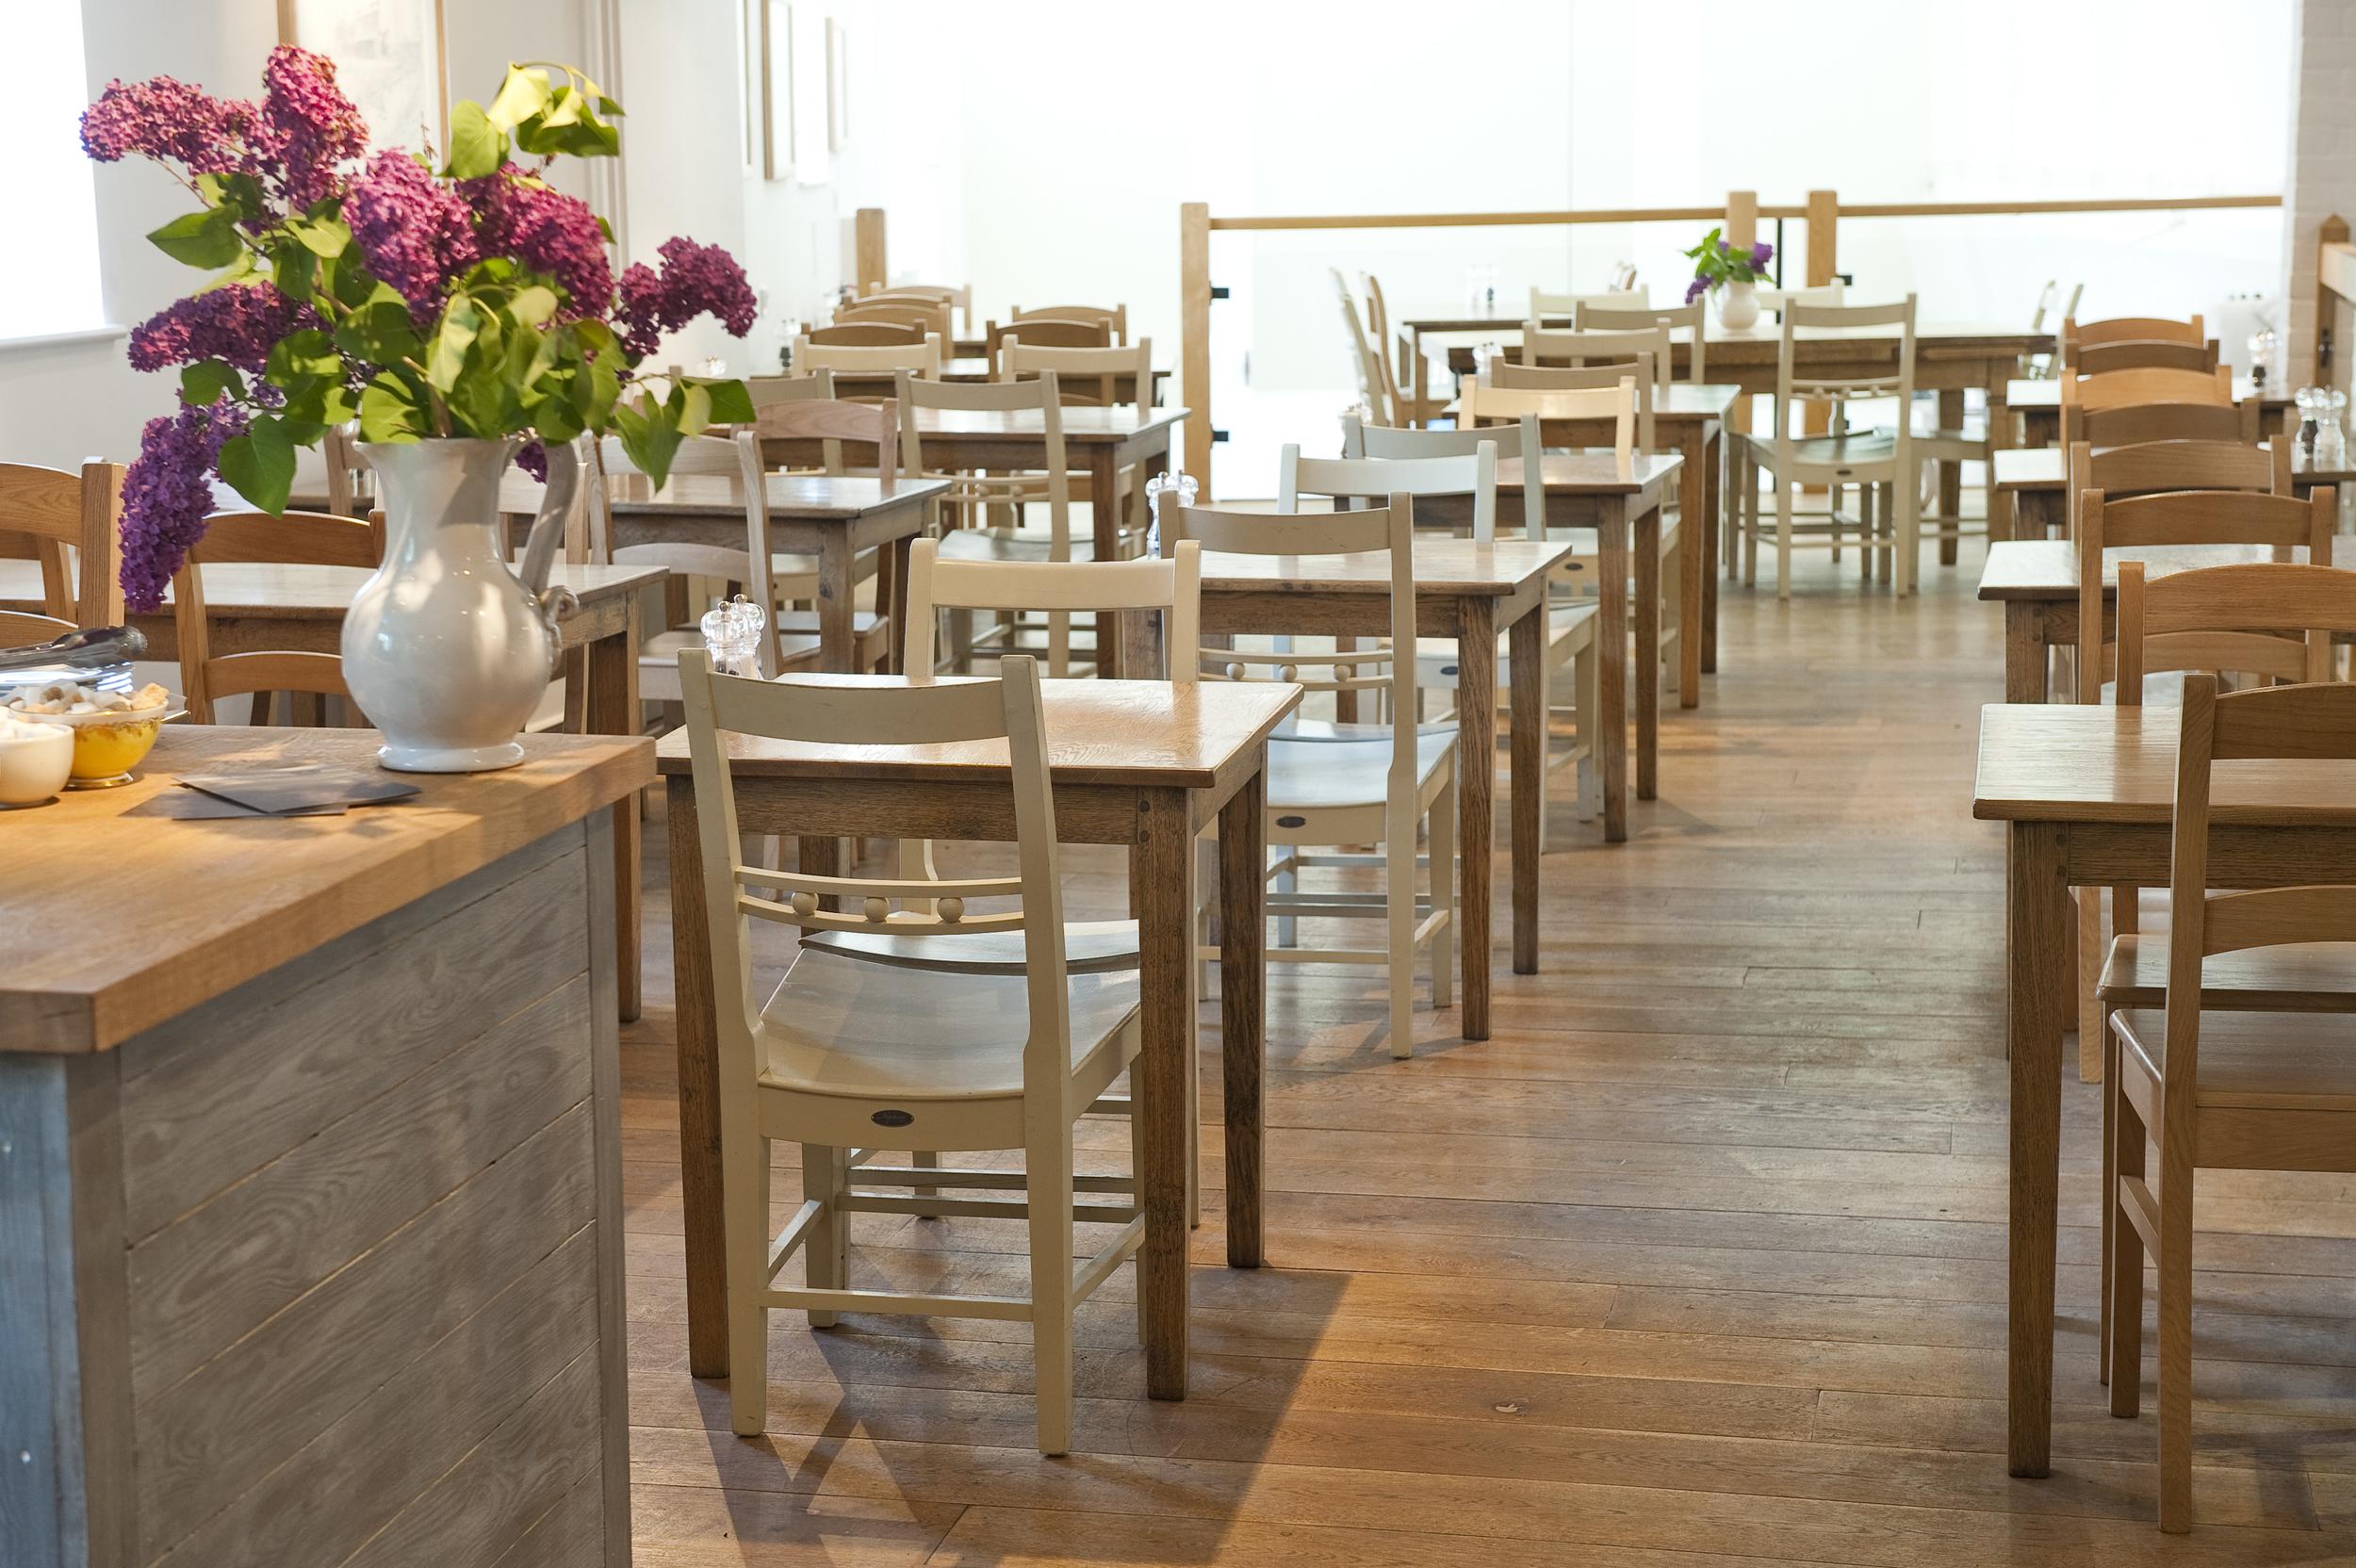 Cafe 1885 interior 2.jpg